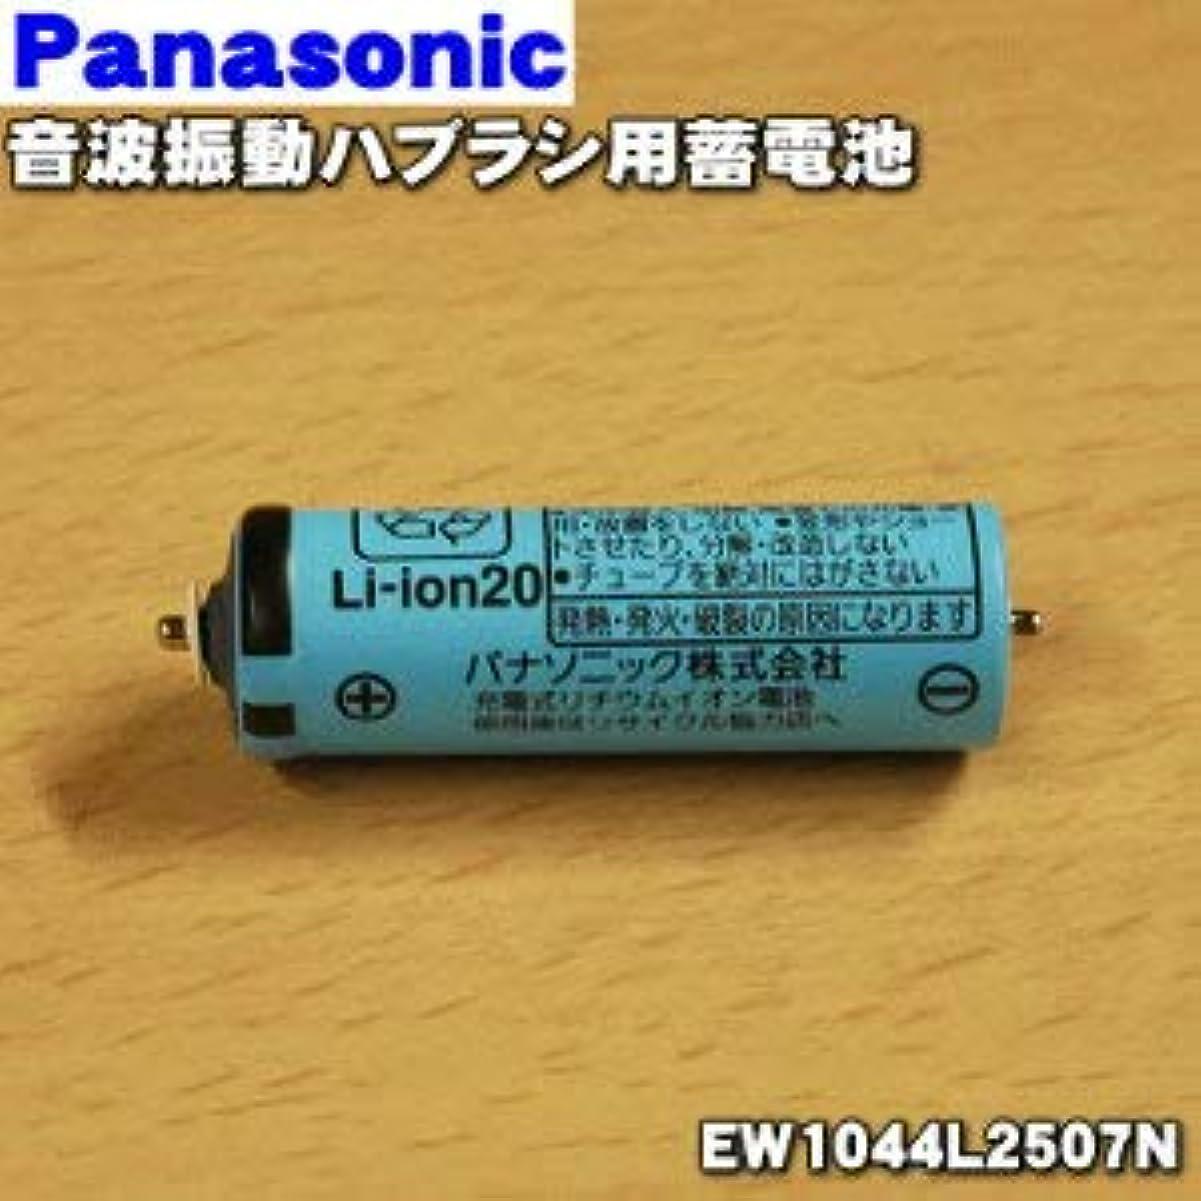 創造王室未接続ゆうパケット対応品 パナソニック Panasonic 音波振動ハブラシ Doltz 蓄電池交換用蓄電池 EW1044L2507N